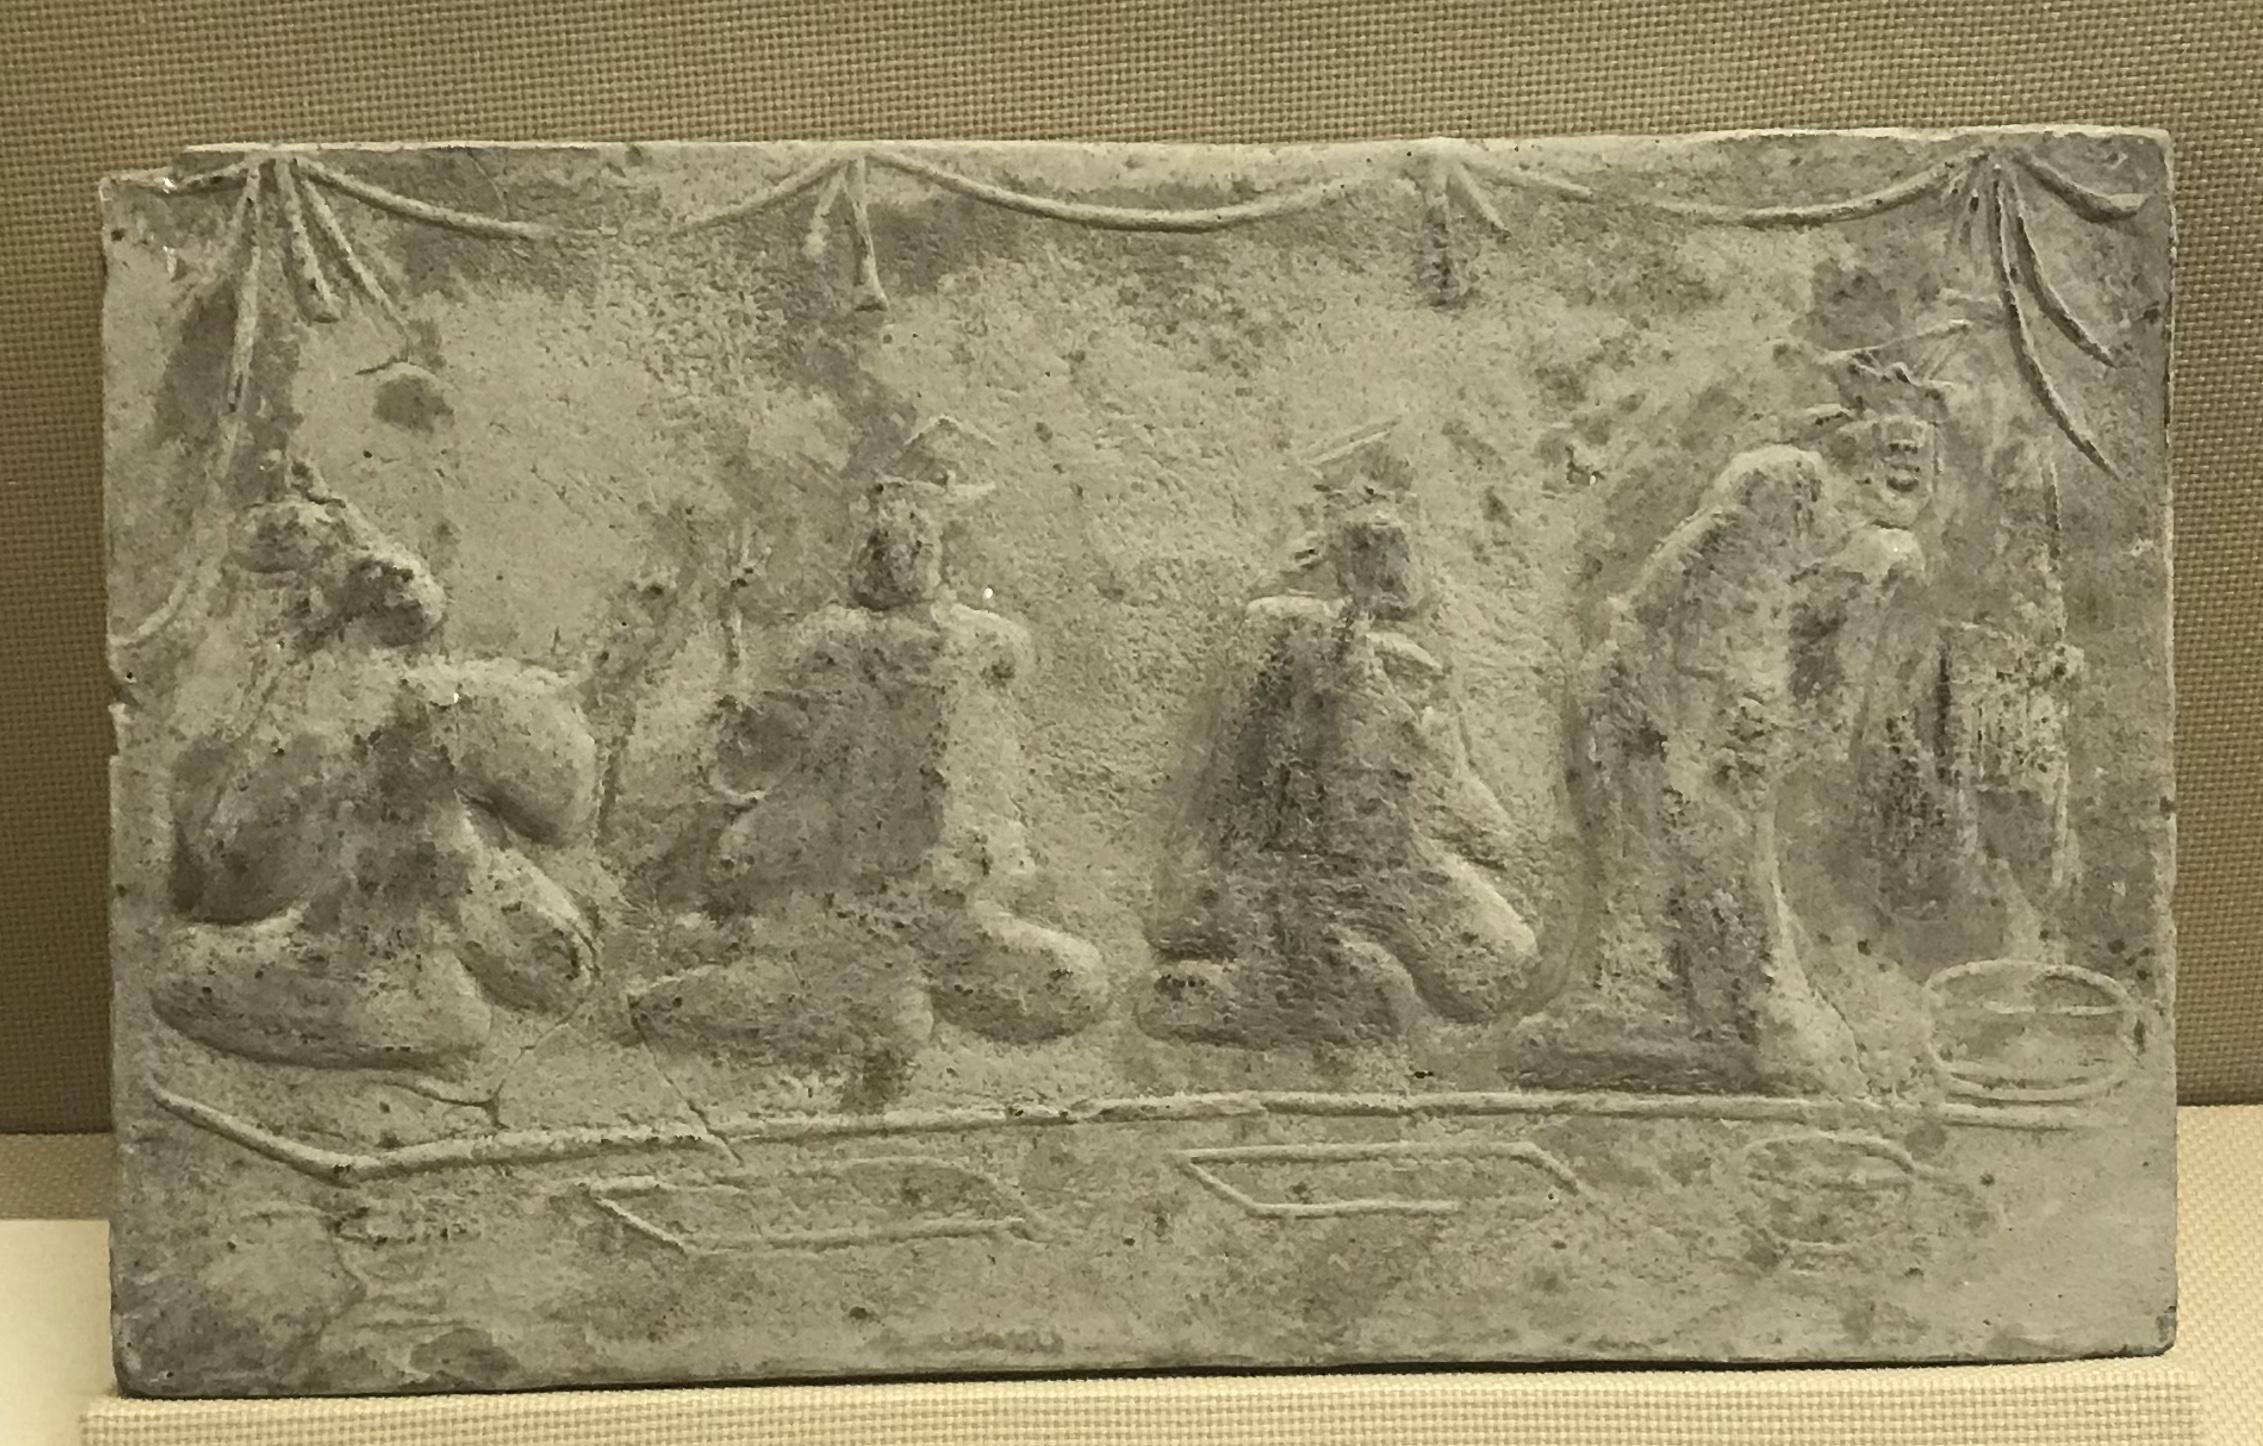 宴飲2画像レンガ-東漢-彭山県太平出土-四川漢代陶石芸術館-四川博物院-成都